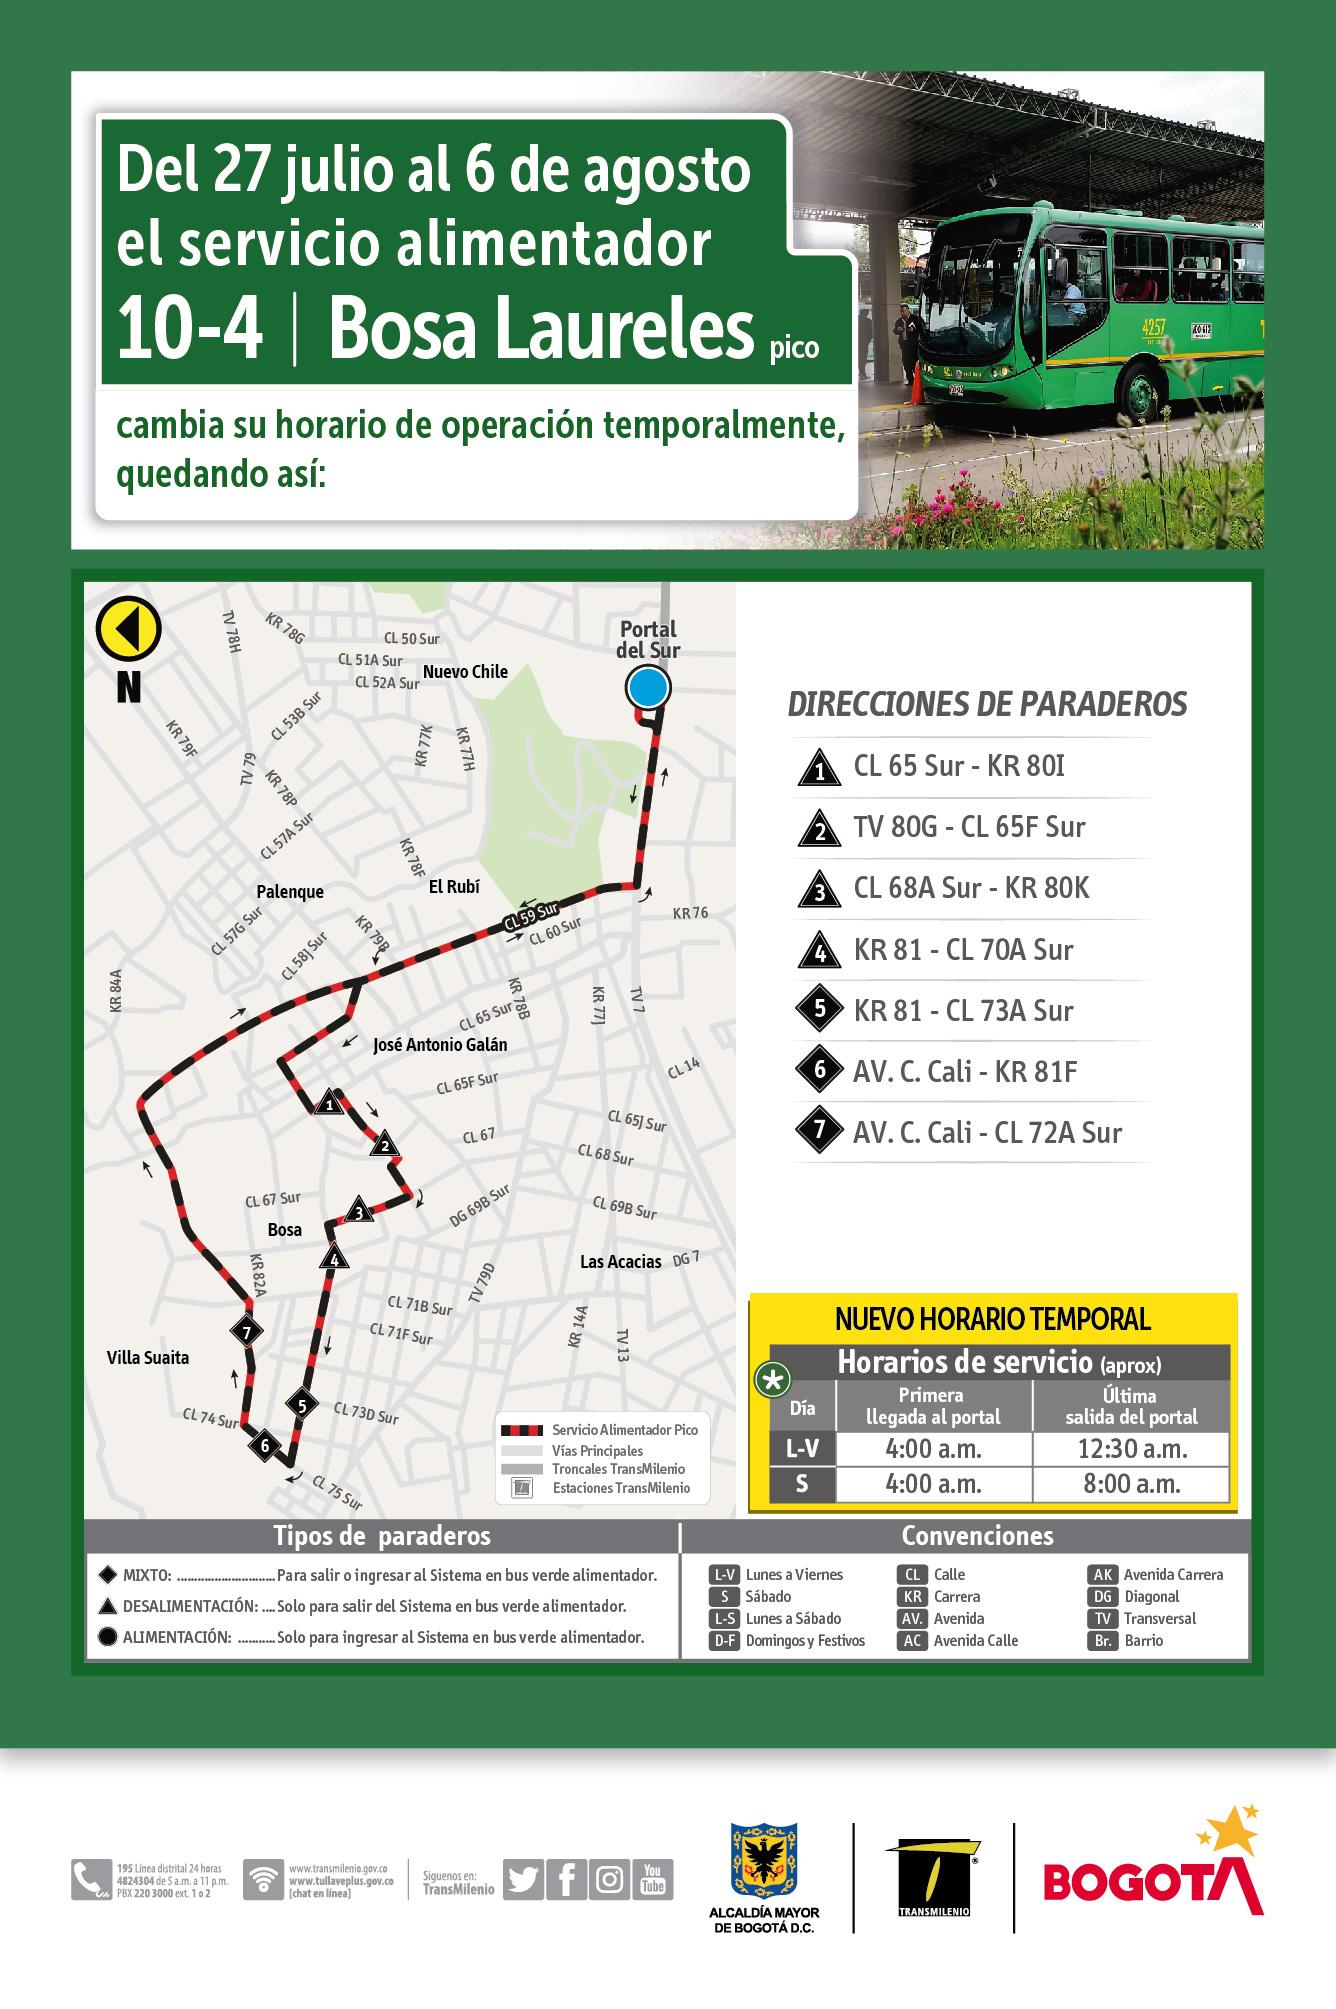 Mapa de la ruta 10-4 hora pico y el horario temporal de funcionamiento